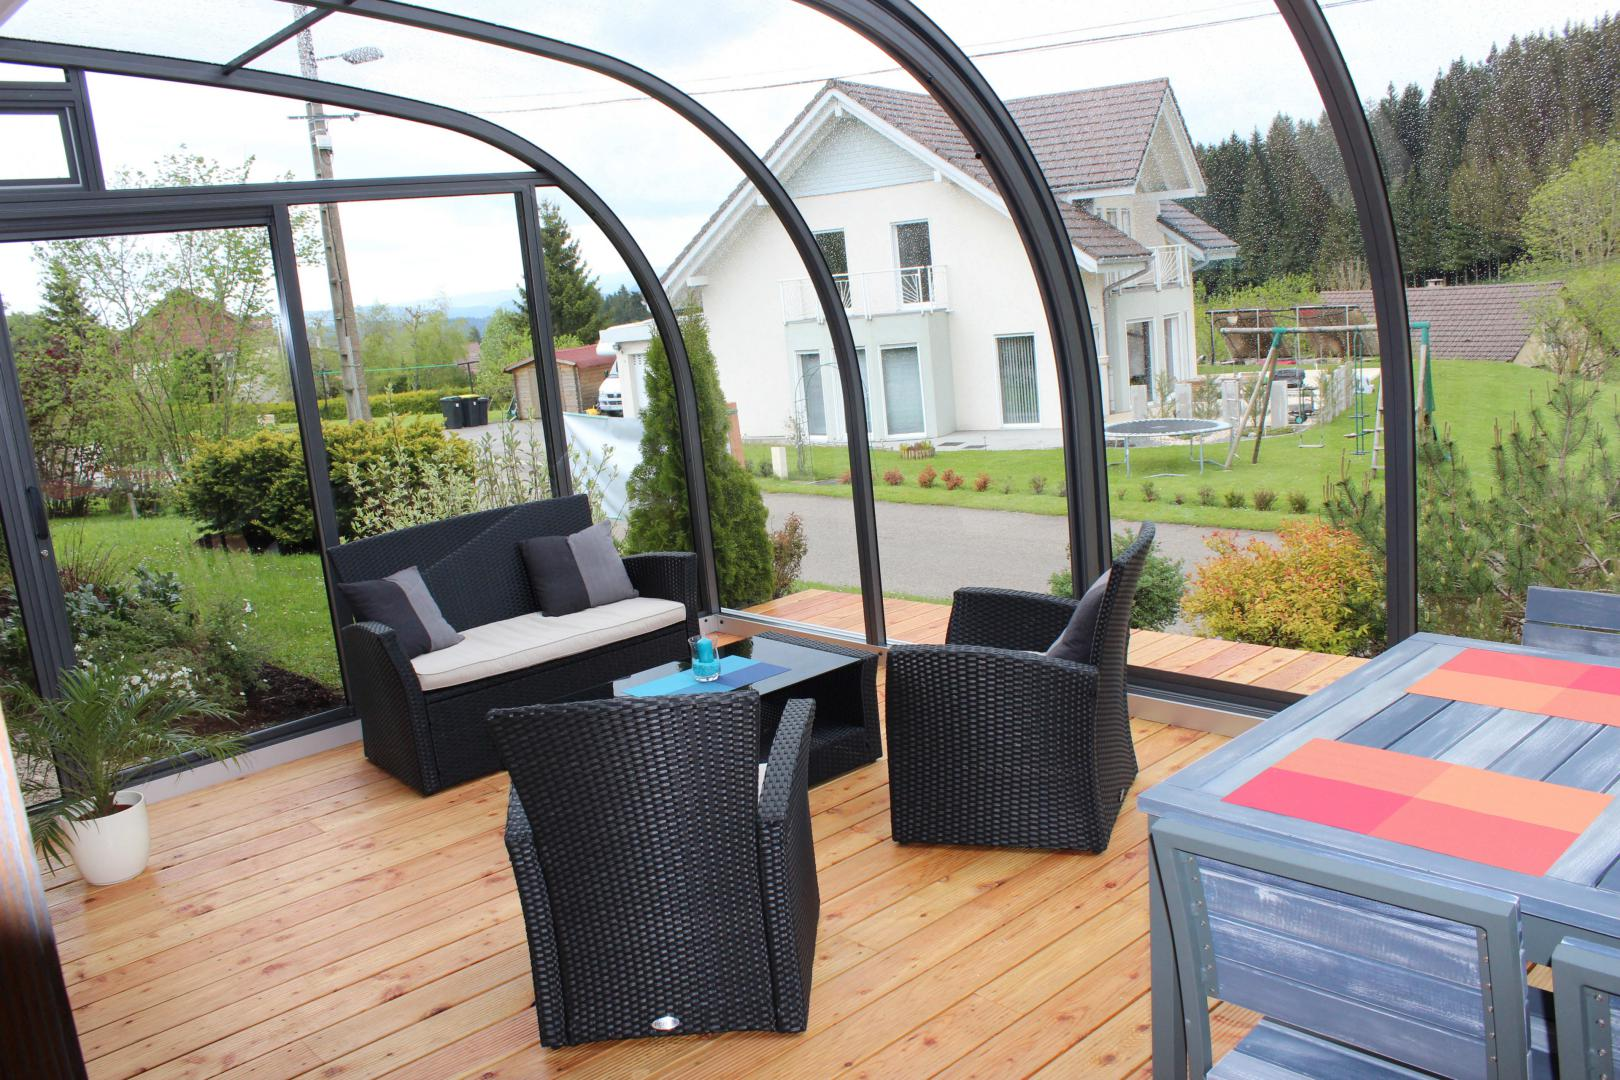 Solar Terrasse abris de terrasse 3 saisons de type solar véranda mobile rétractable